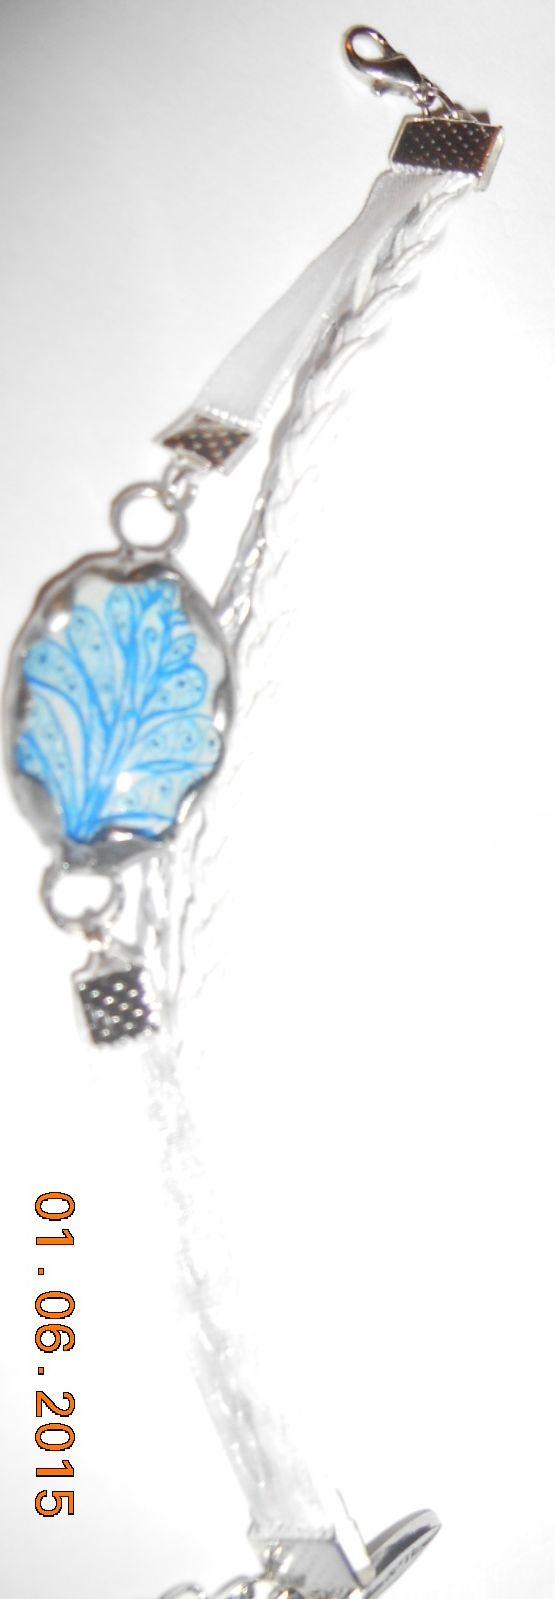 """Bracelet ajustable, cordons et rubans blanc et argent, bille de verre ovale avec dessin de la collection """"Feuille bleue"""", dessiné par JOS, serti d'étain.   artsvitrail@hotmail.com  FB: Arts & Vitrail  VENDU"""